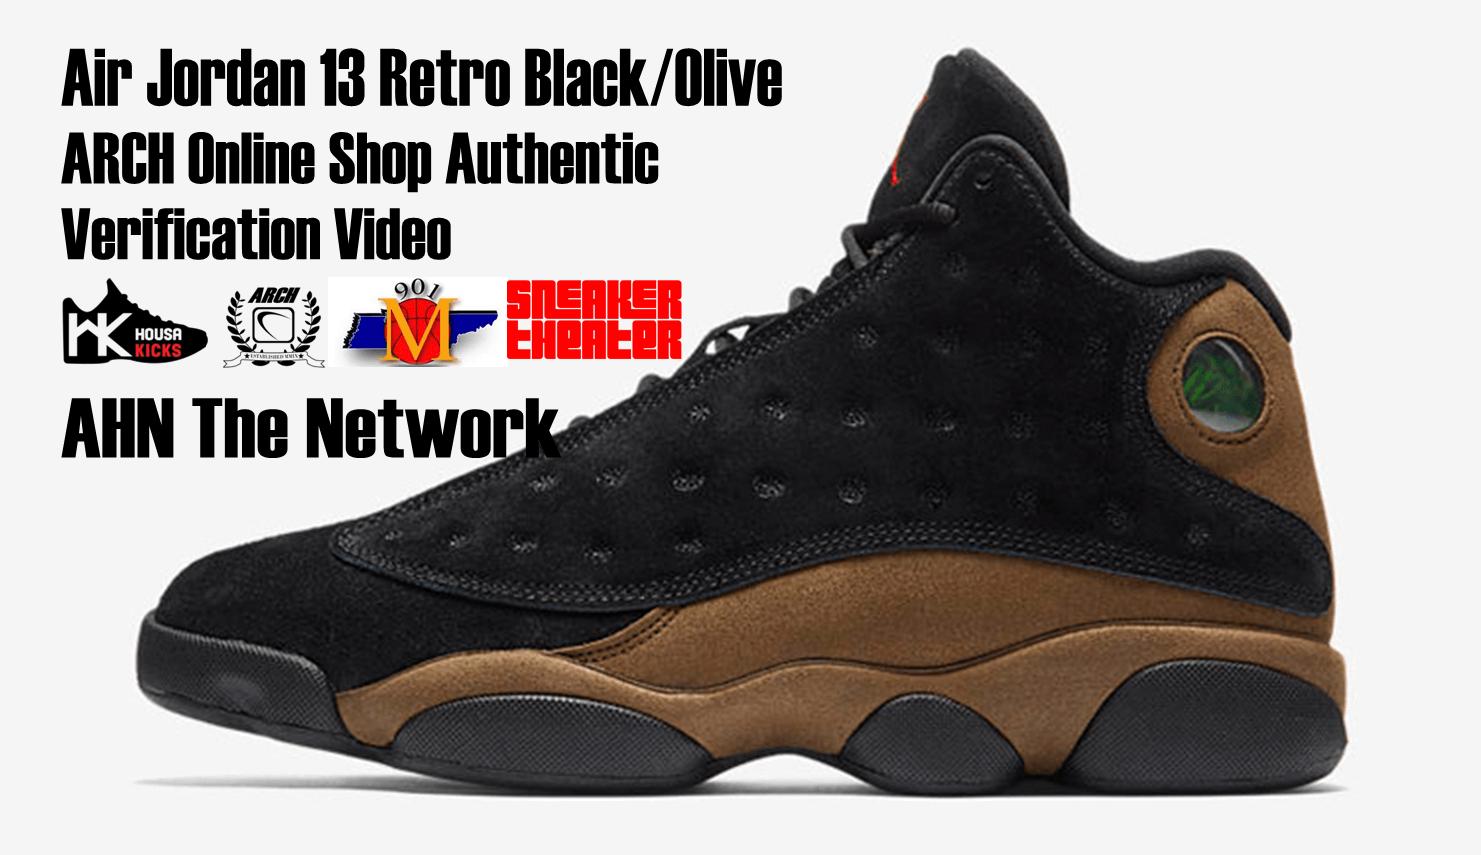 quality design 3c9e8 aeca6 Air Jordan 13 Retro Black Olive   Authentic Verification – ARCH-USA